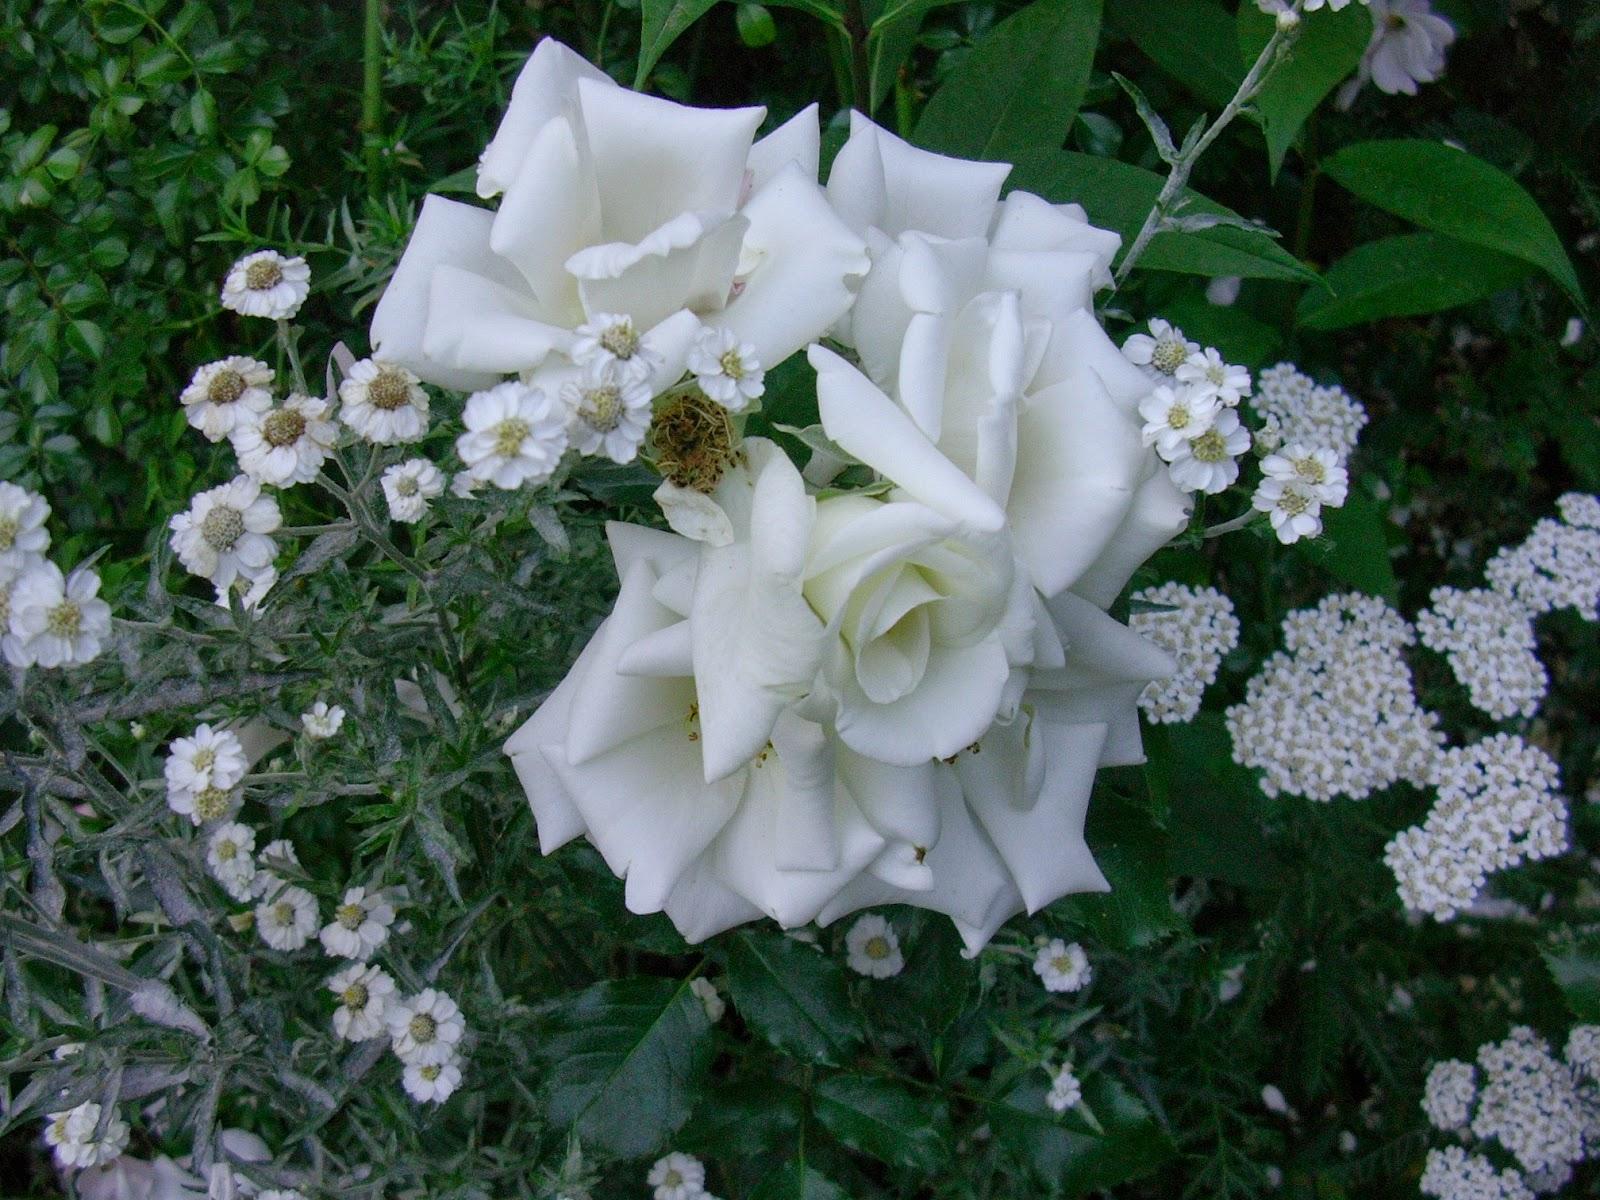 Un piccolo giardino in città: Fiori bianchi perchè...